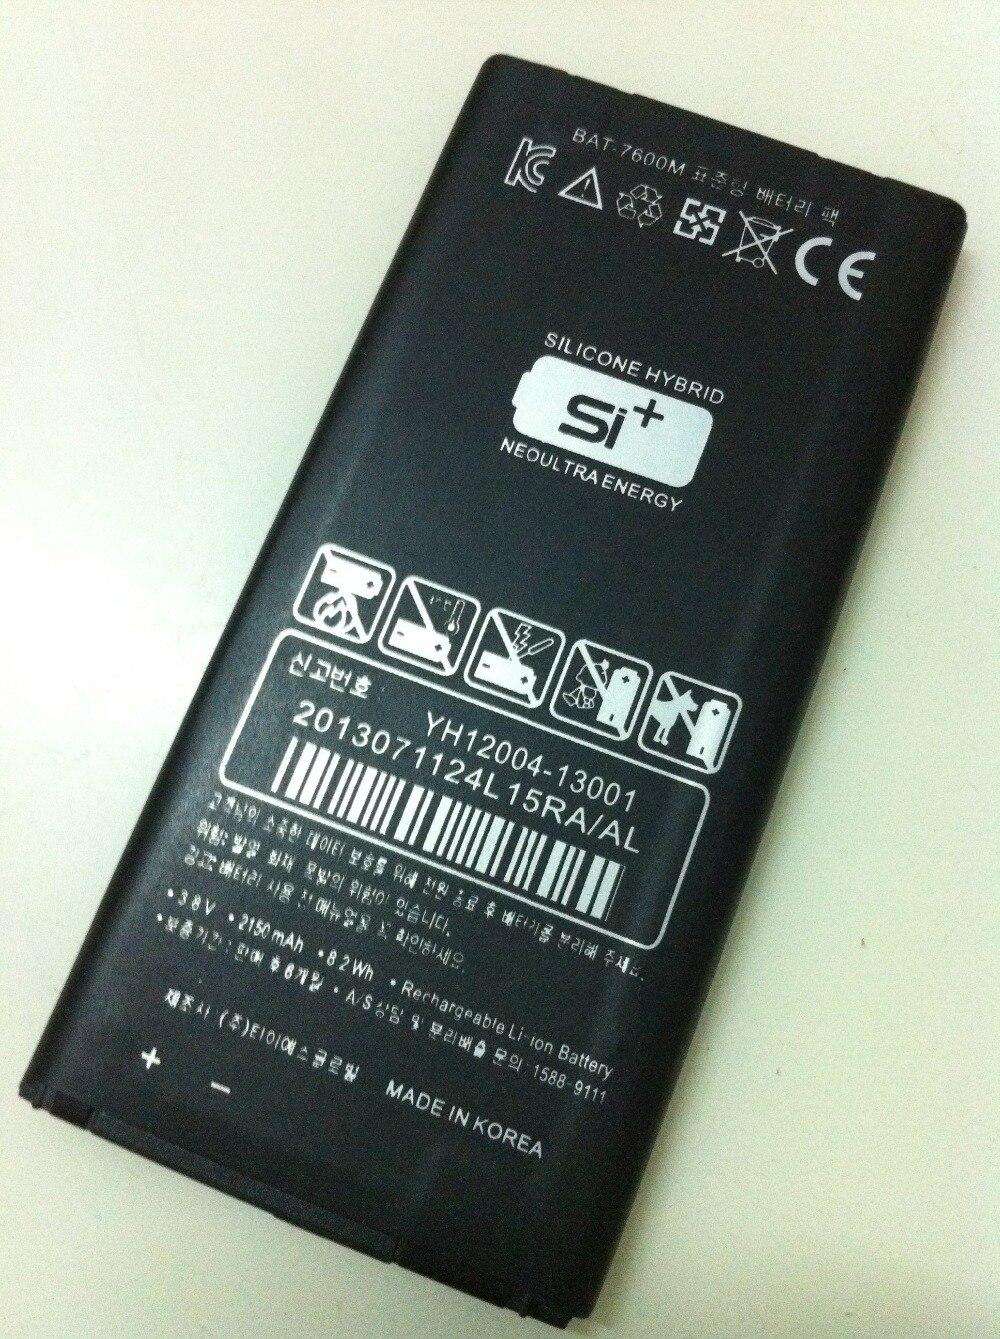 Bateria allccx BAT-7600M para sky a870 a870s a870l a870k com boa qualidade